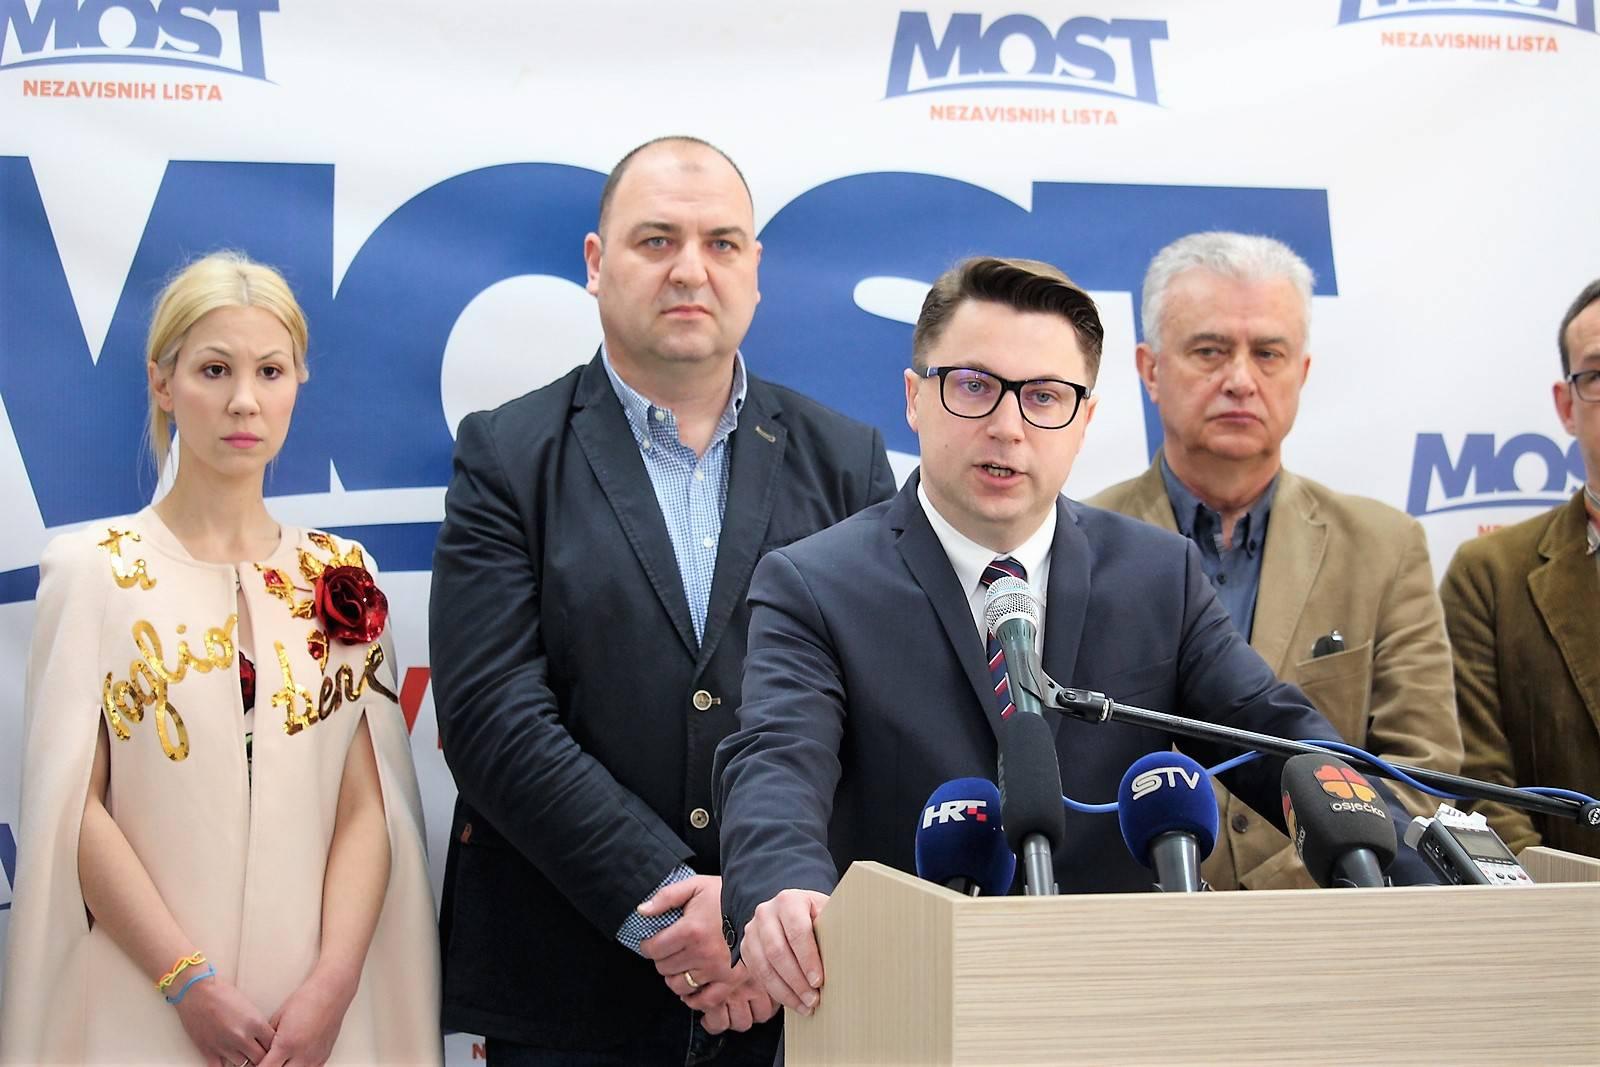 Pomoćnik ministra poljoprivrede Krunoslav Karalić kandidat za osječkog župana